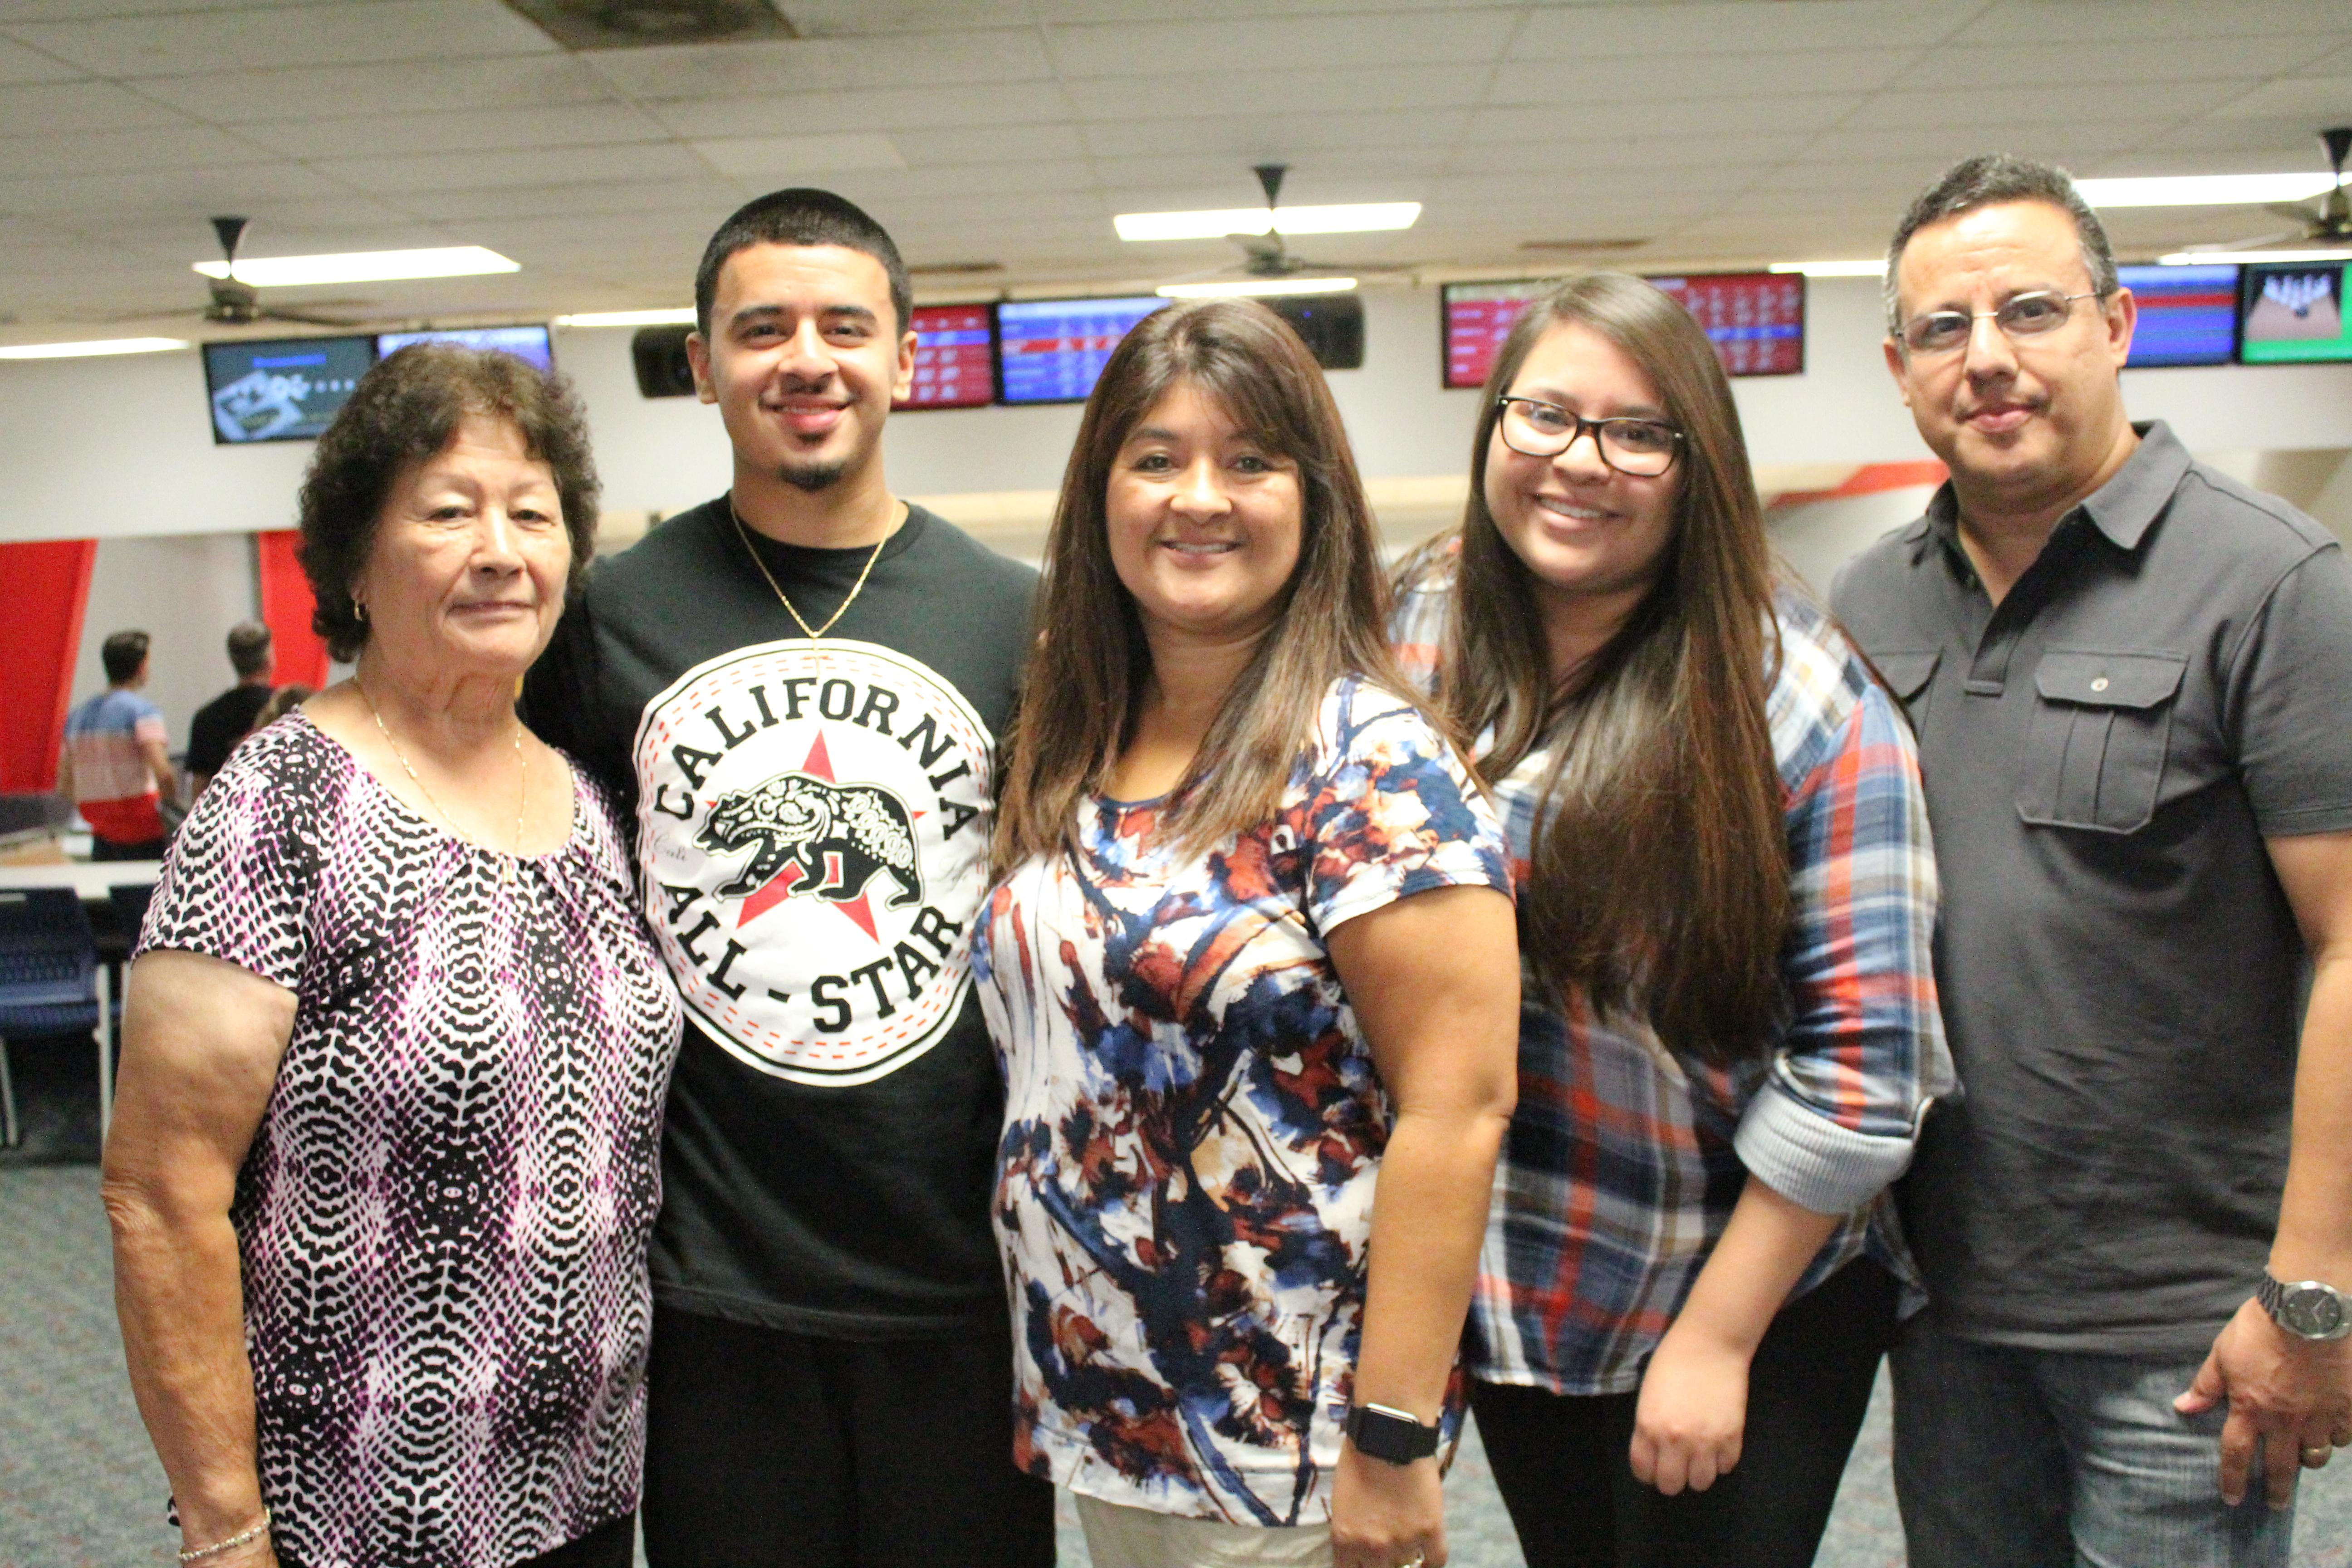 Family at Sunday Funday